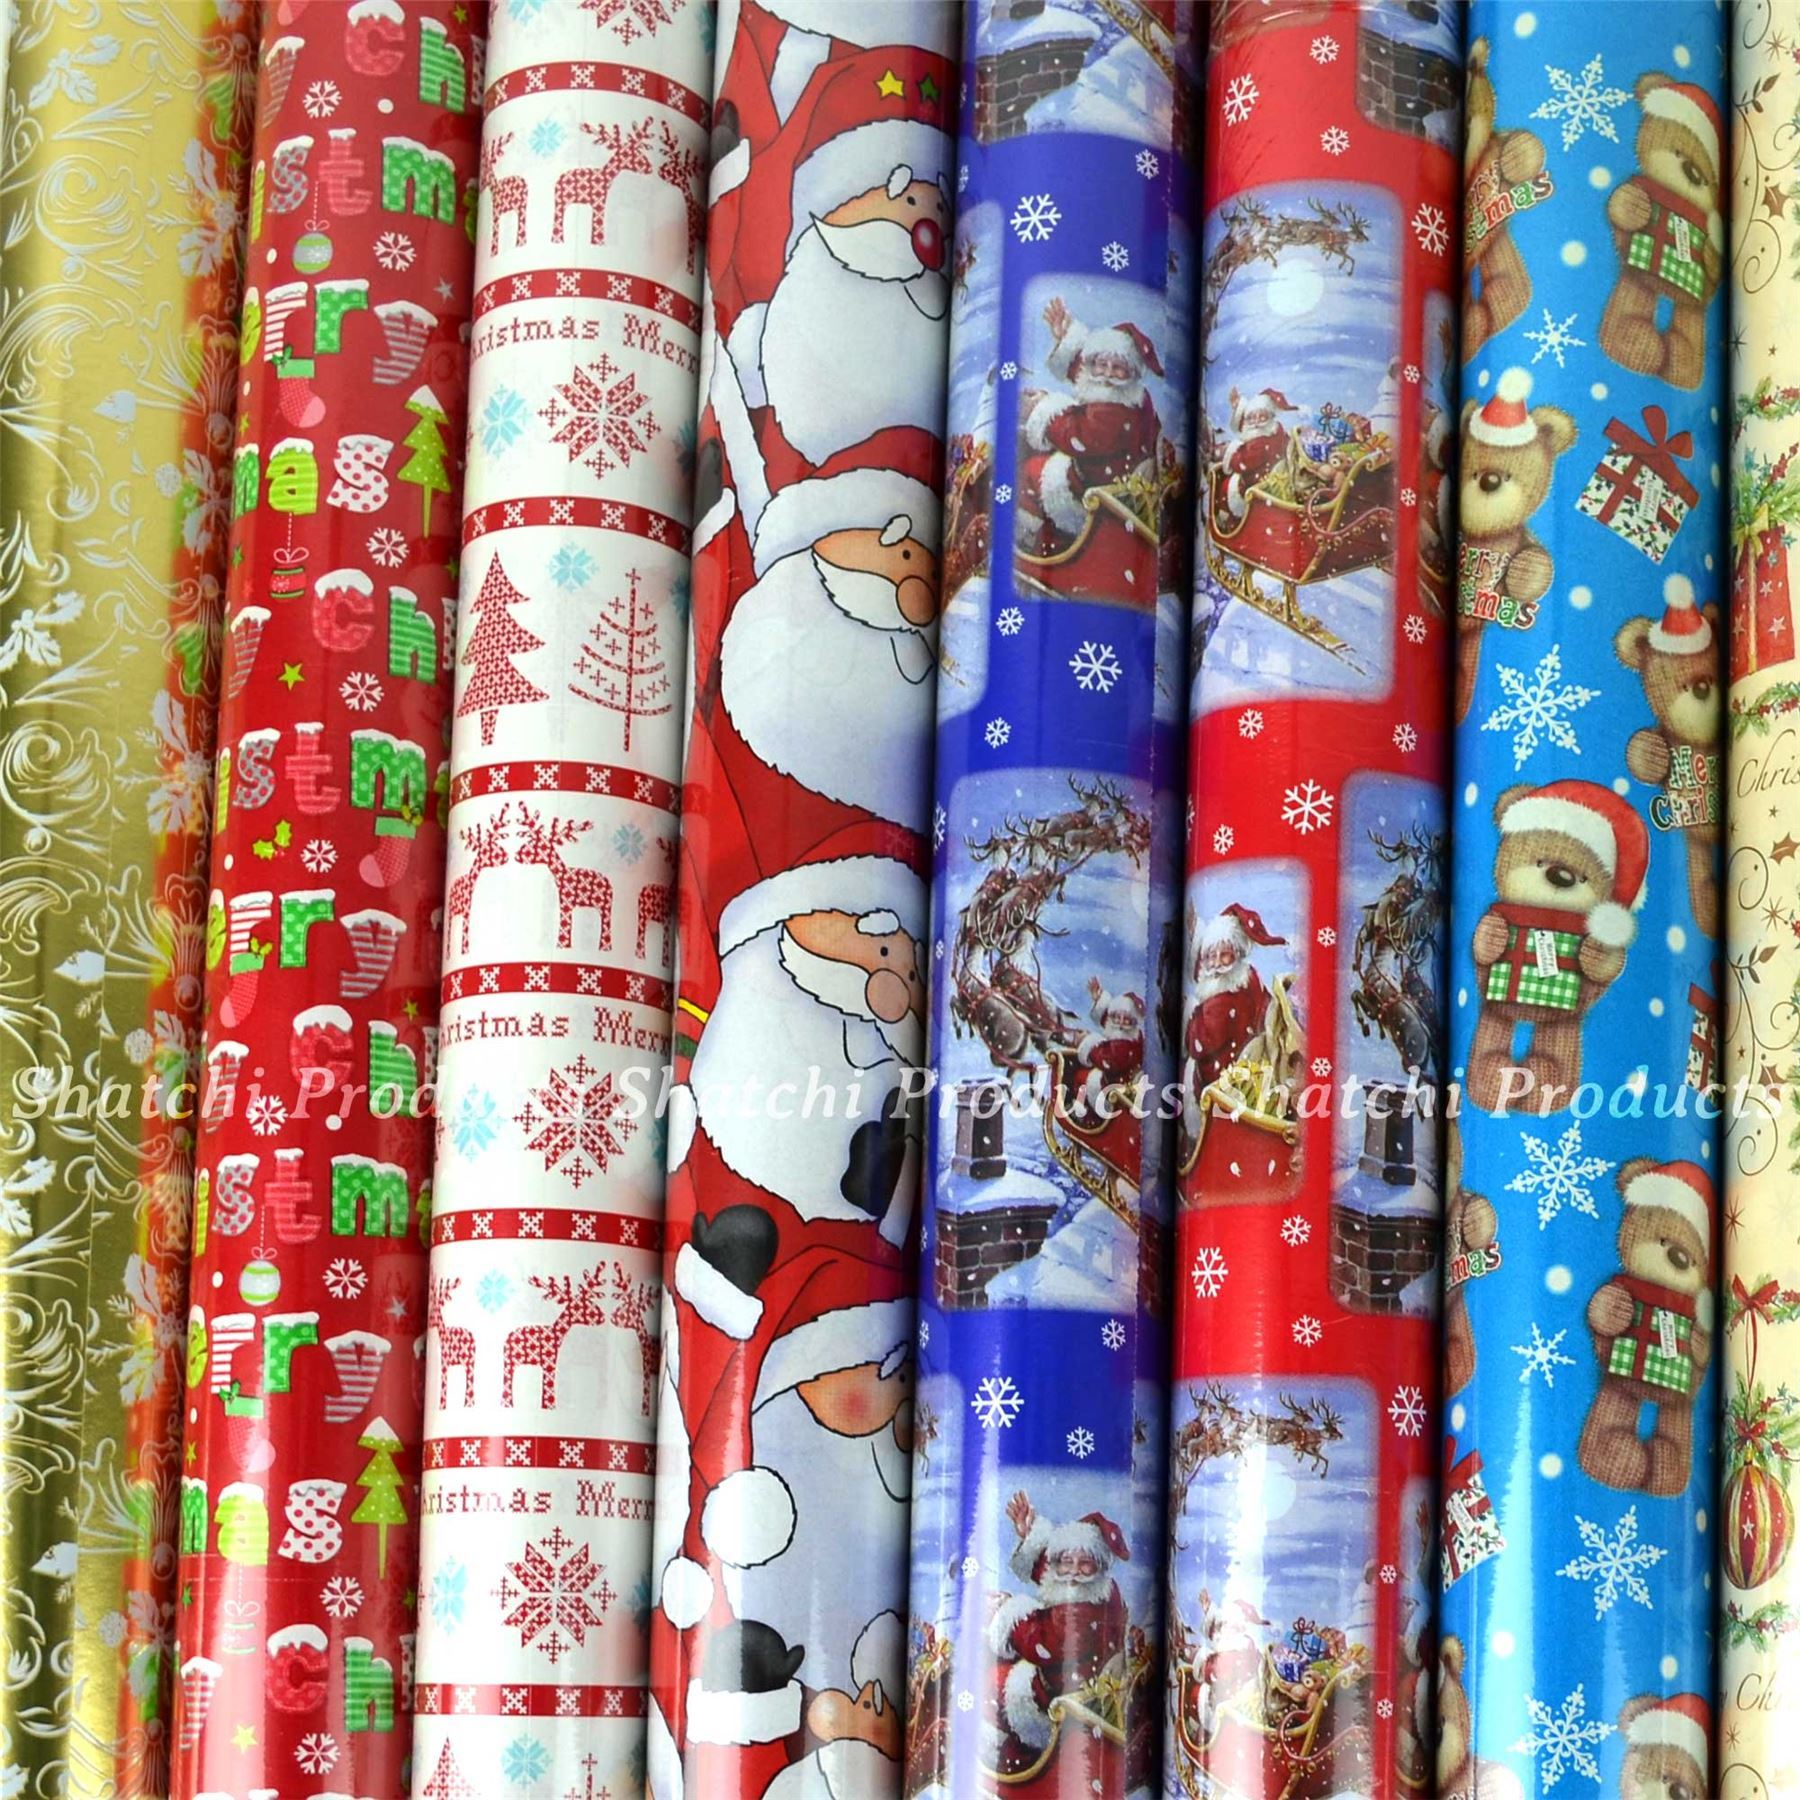 10M-Natale-Regalo-Wrap-Assortiti-ROTOLI-DI-CARTA-DA-PACCO-ROTOLO-REGALO-DI-NATALE miniatura 28